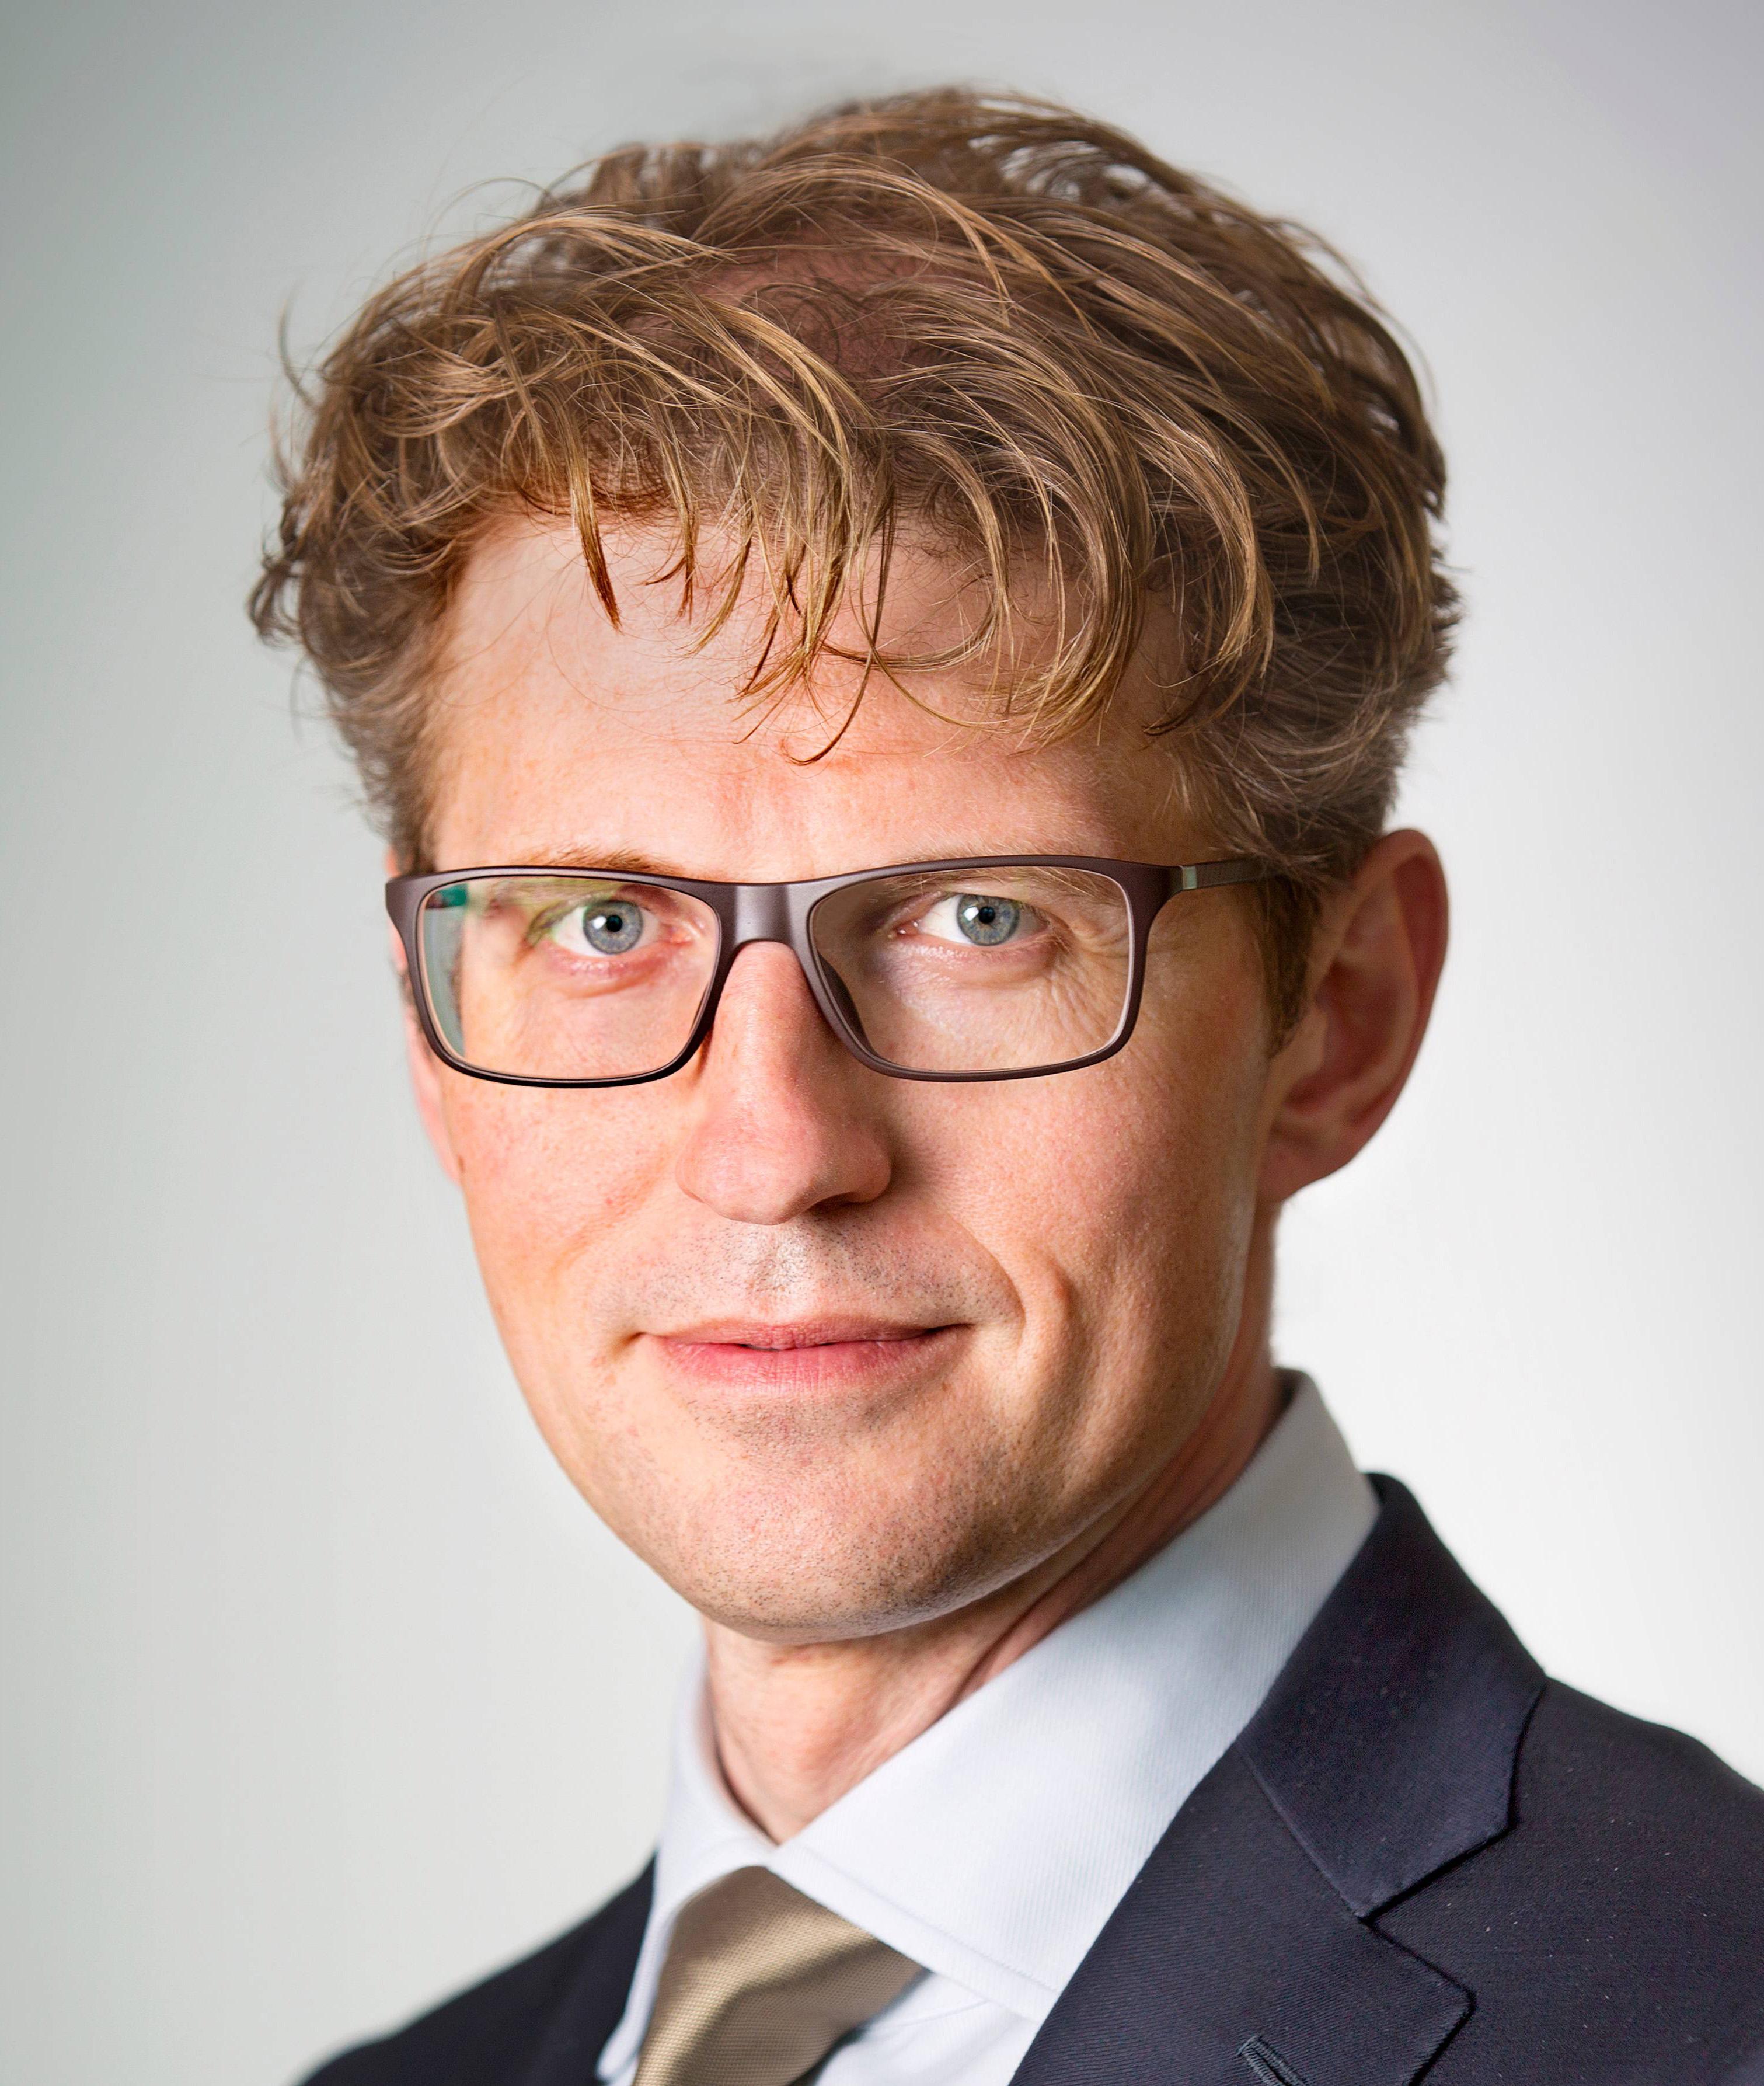 newest ce569 f2aa8 Sander Dekker - Wikipedia